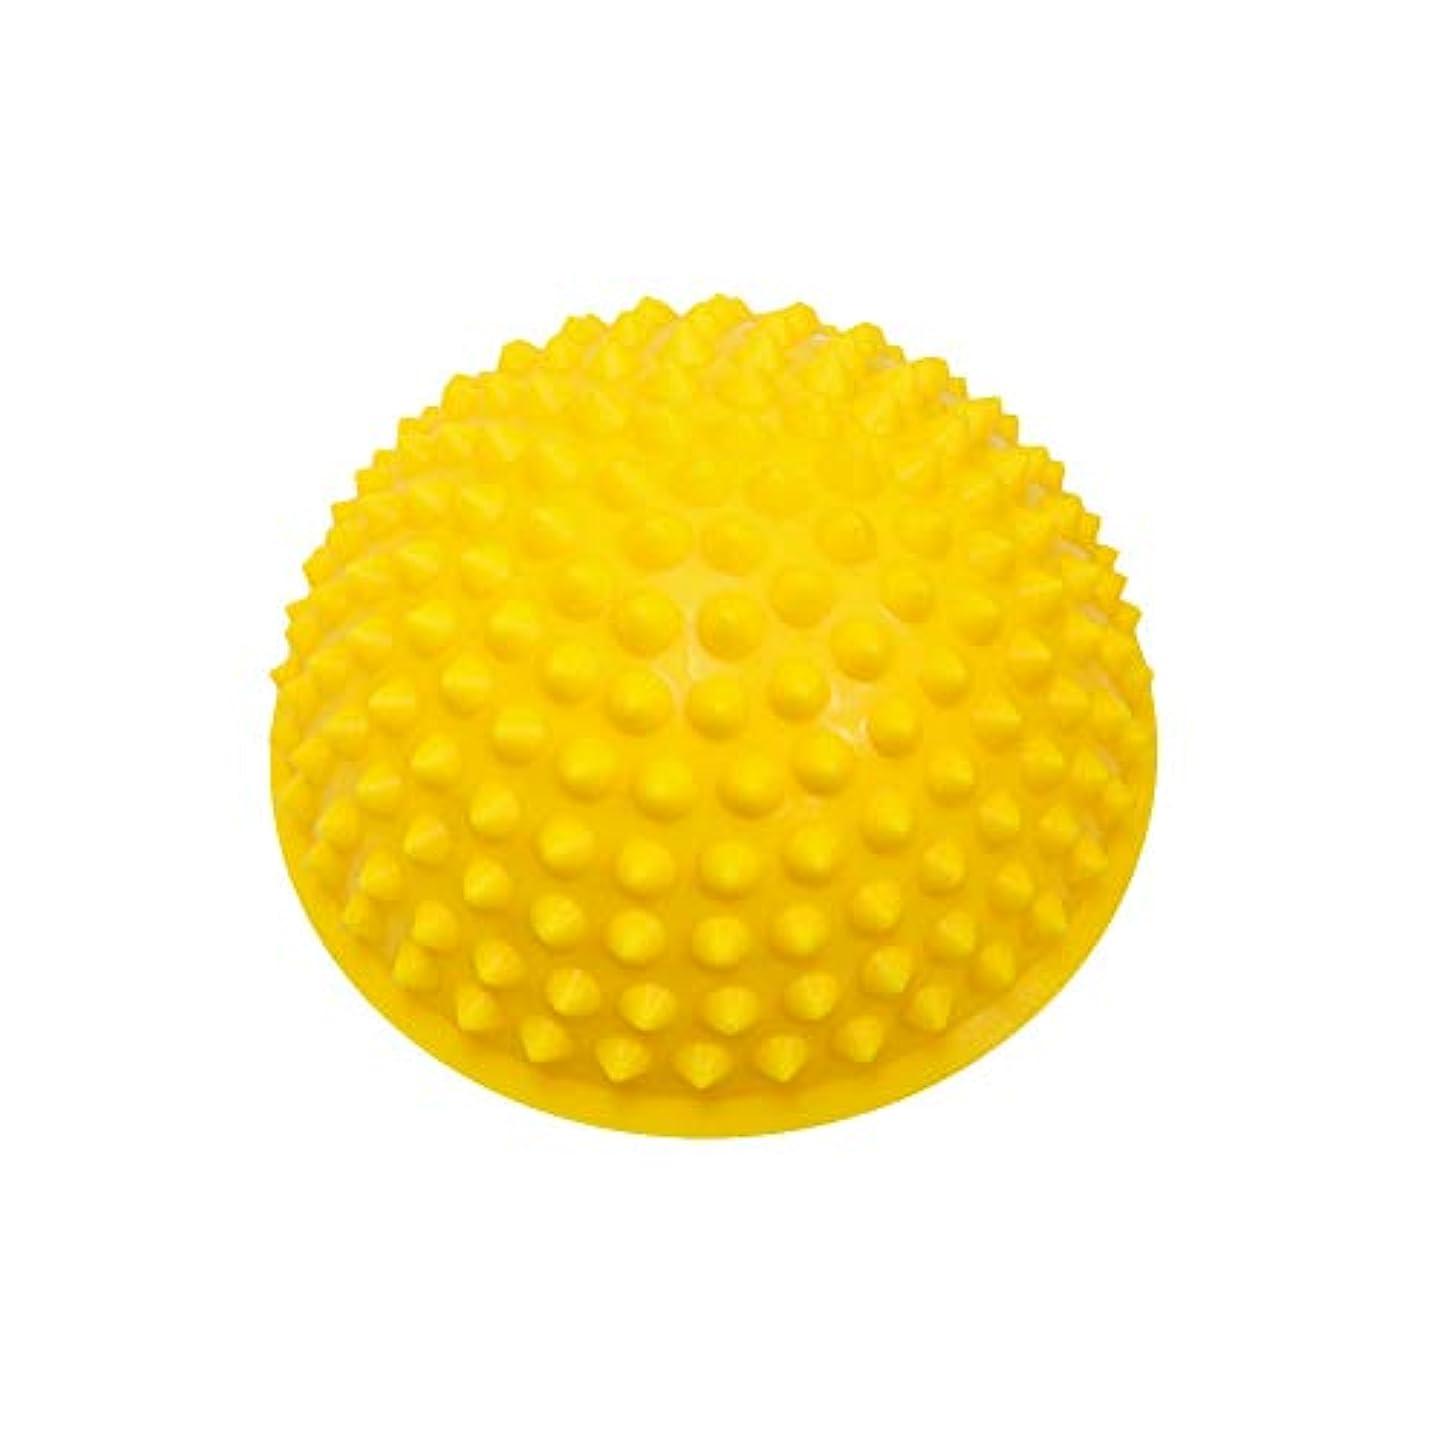 放射性塊仕出しますマッサージボール ストレッチボール トゲトゲ 半球 筋膜リリース トレーニング 足つぼ ツボ押しグッズ (イエロー)